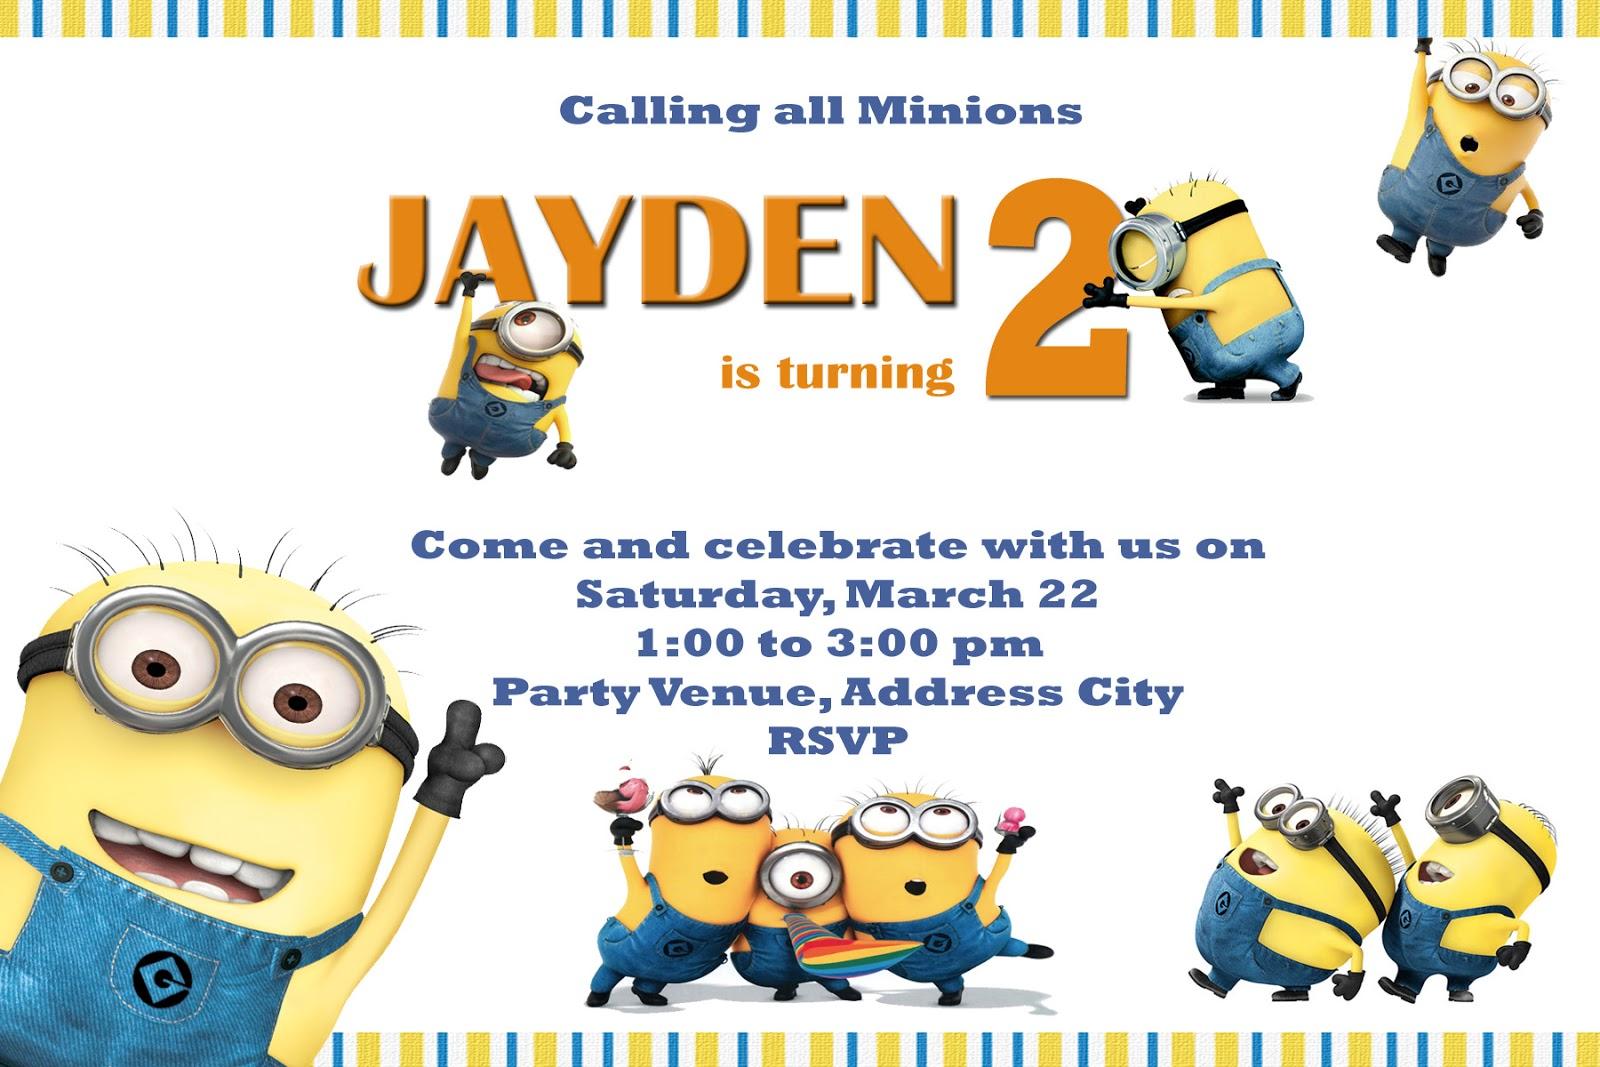 invitation calling all minions www